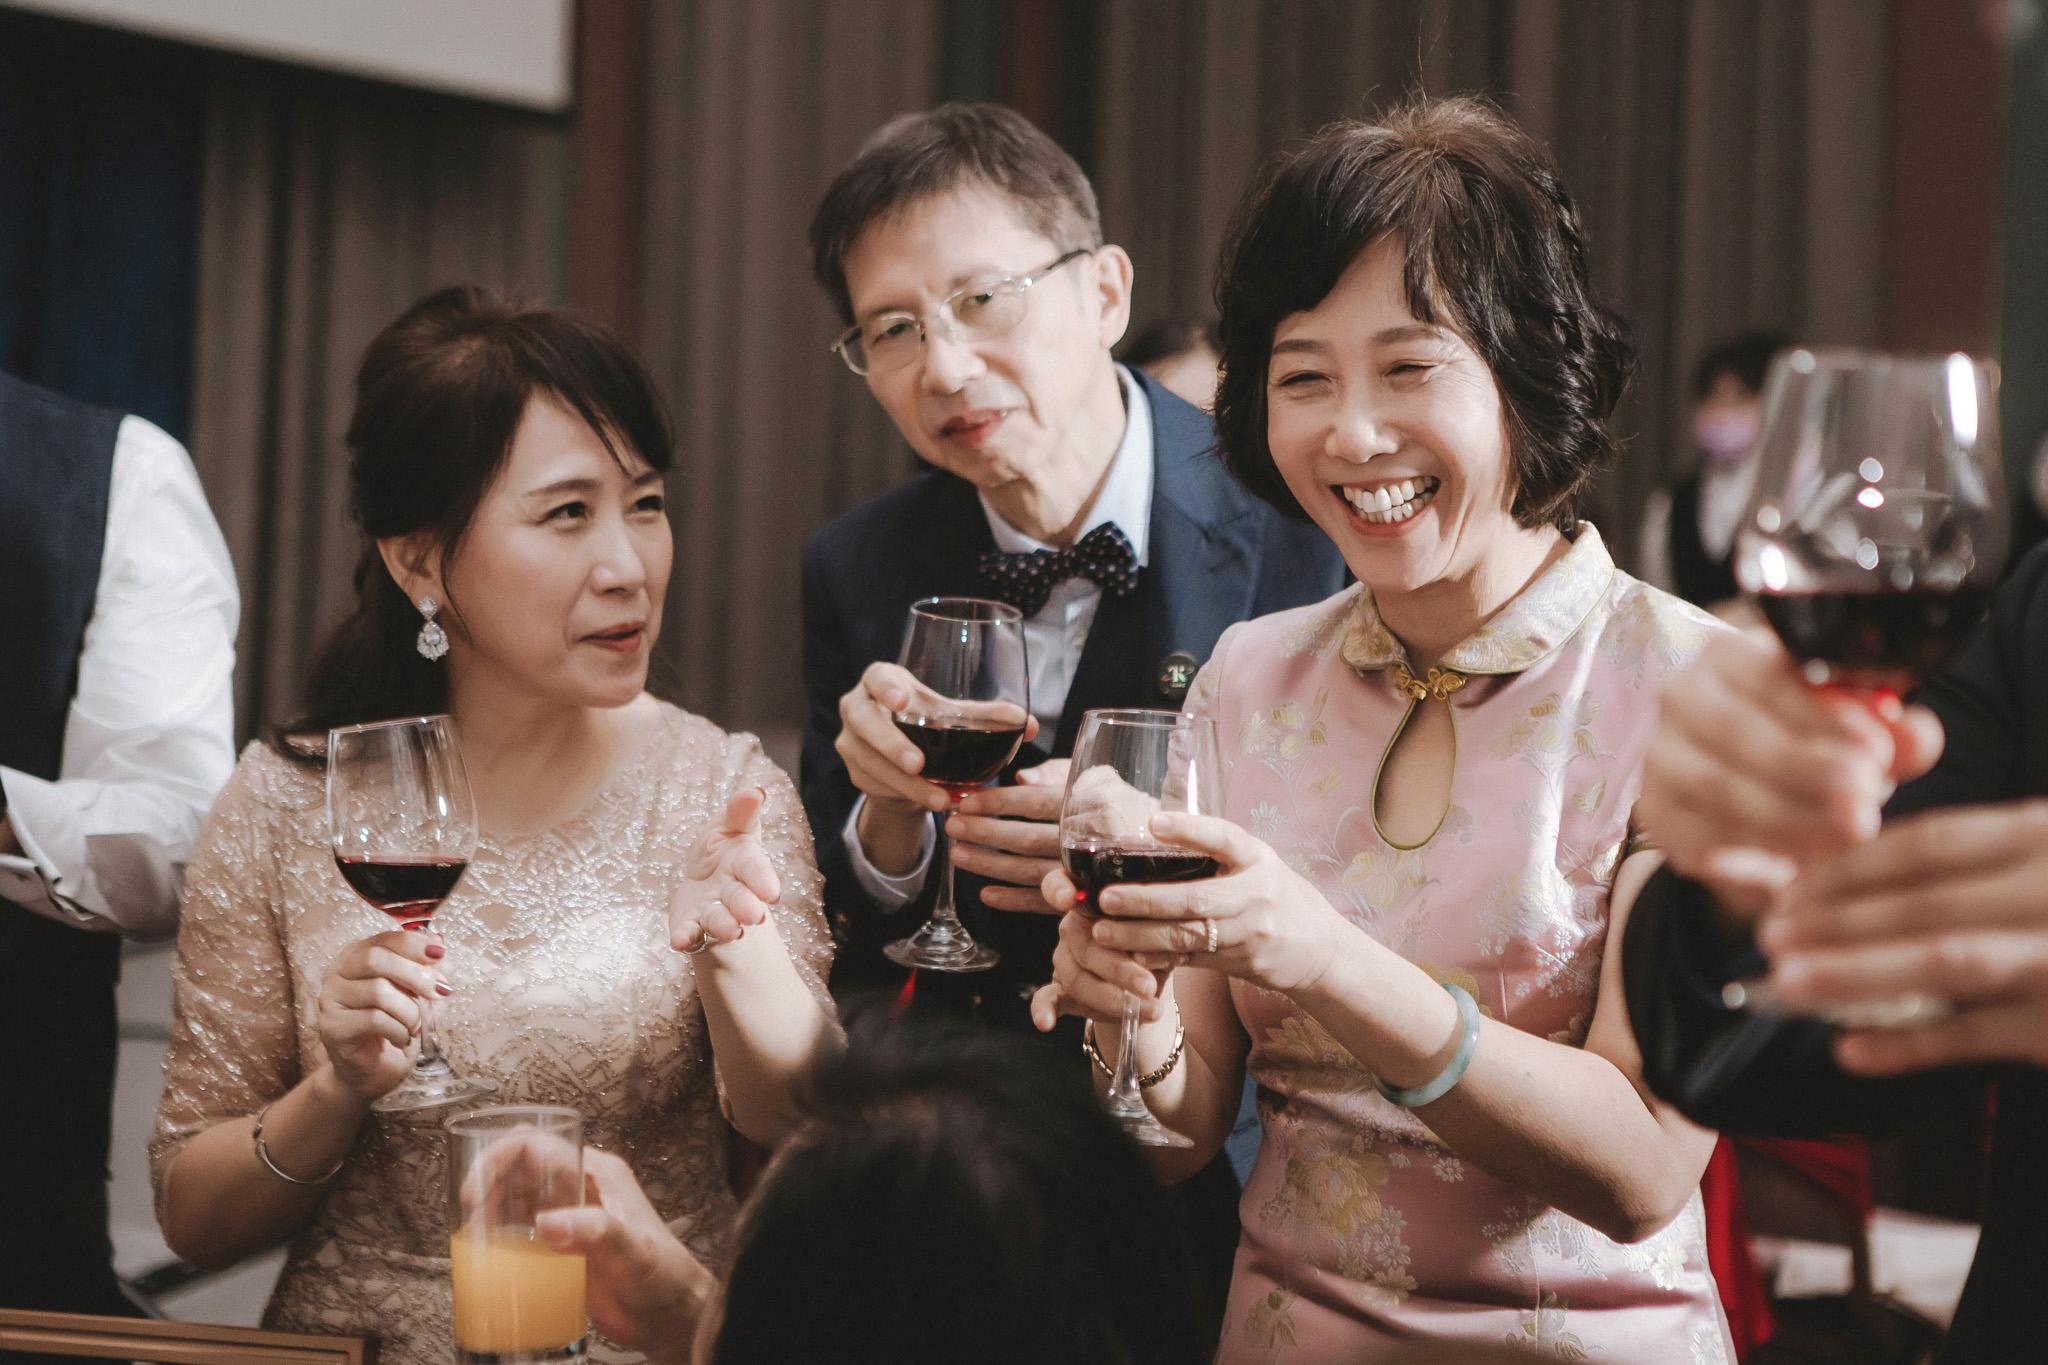 EW 居米 台北婚宴 台北婚紗 台北婚攝 國泰萬怡 台北婚禮 -62